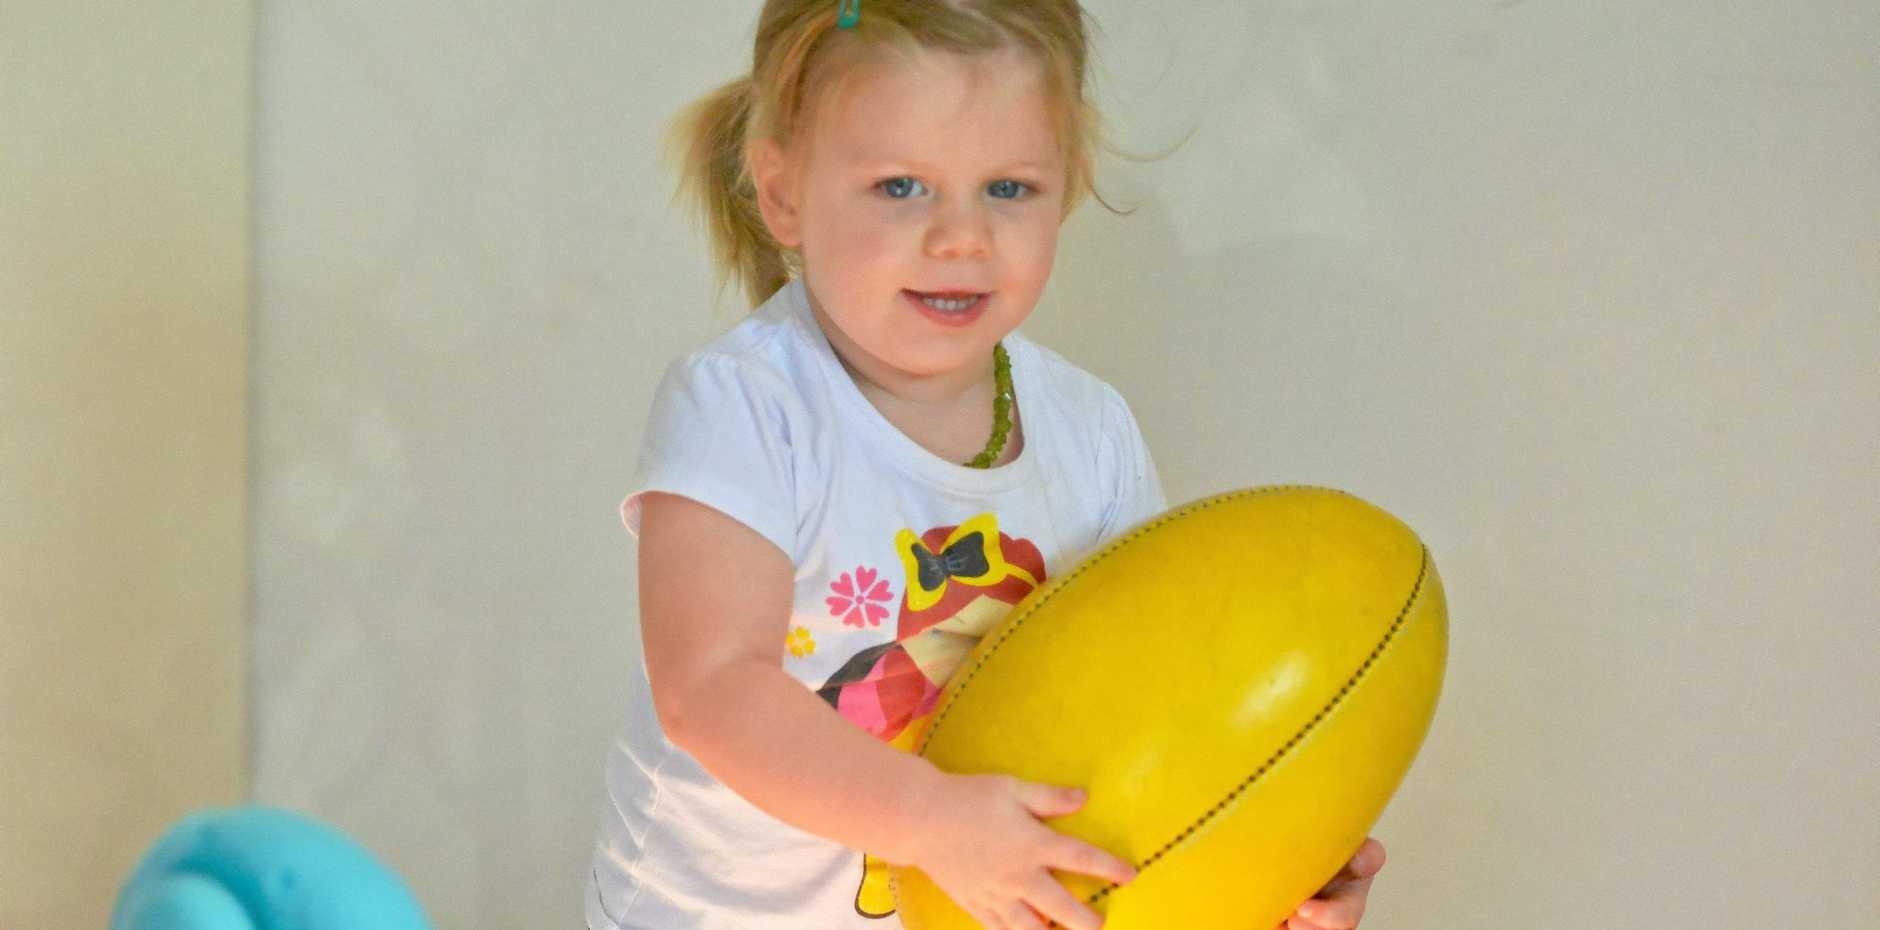 CANCER SURVIVOR: Bella Bates will enjoy her third birthday soon.